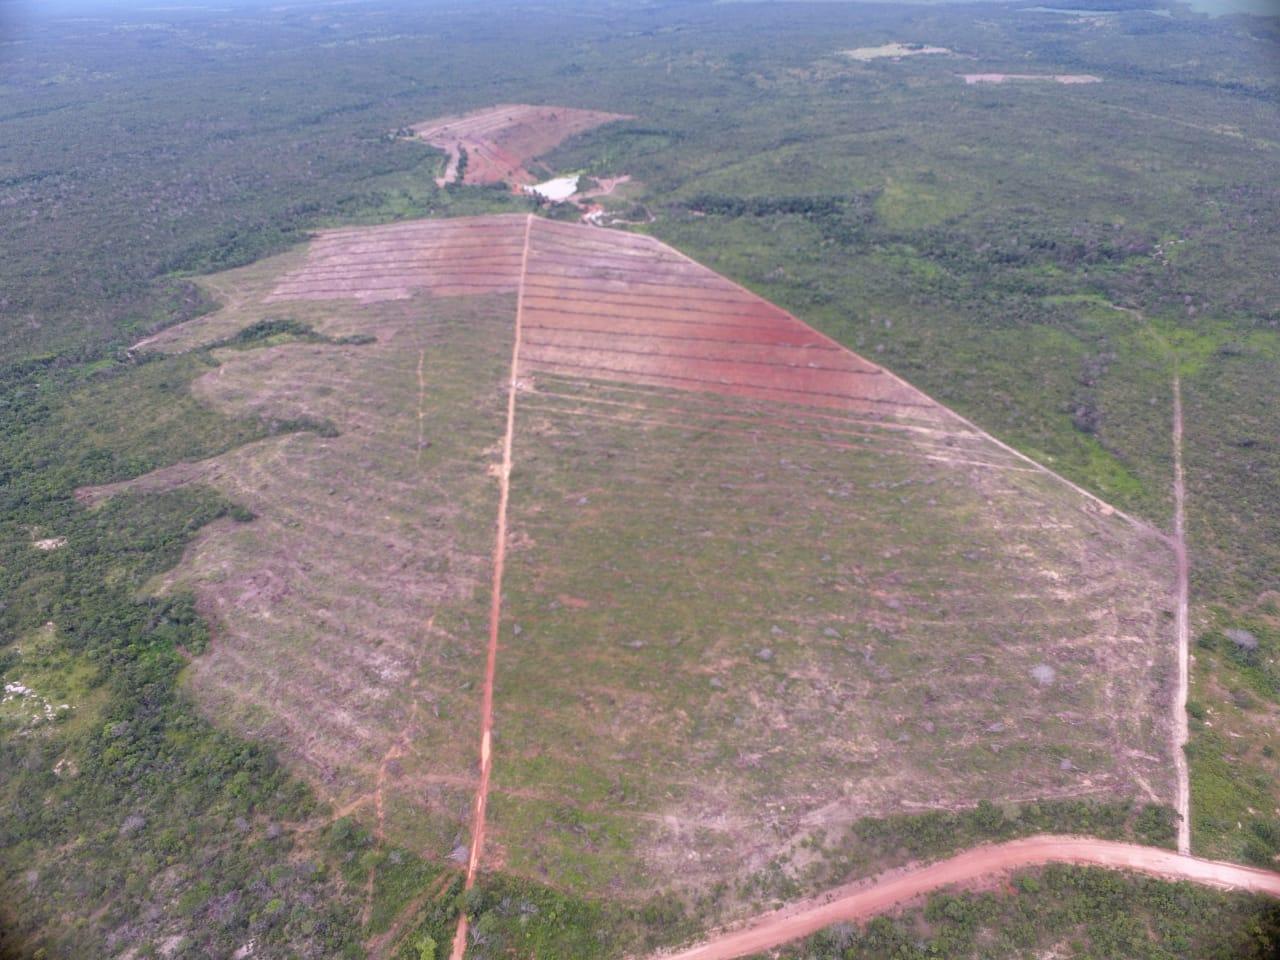 Operação contra desmatamento irregular na região APA de Pouso Alto, no município de Cavalcante.